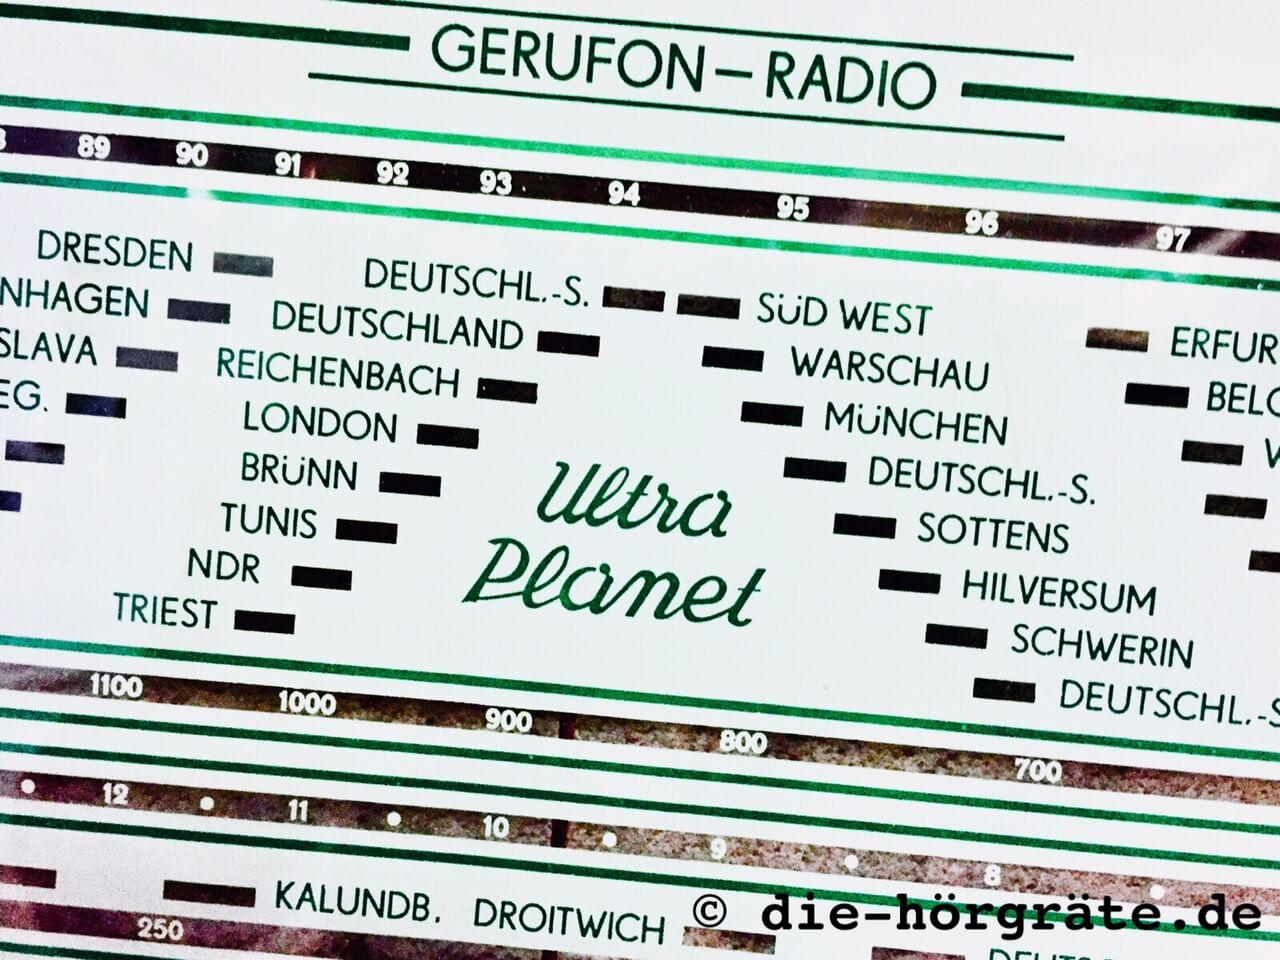 Ansicht der Sendersuche eines alten Ultra Planet Radios